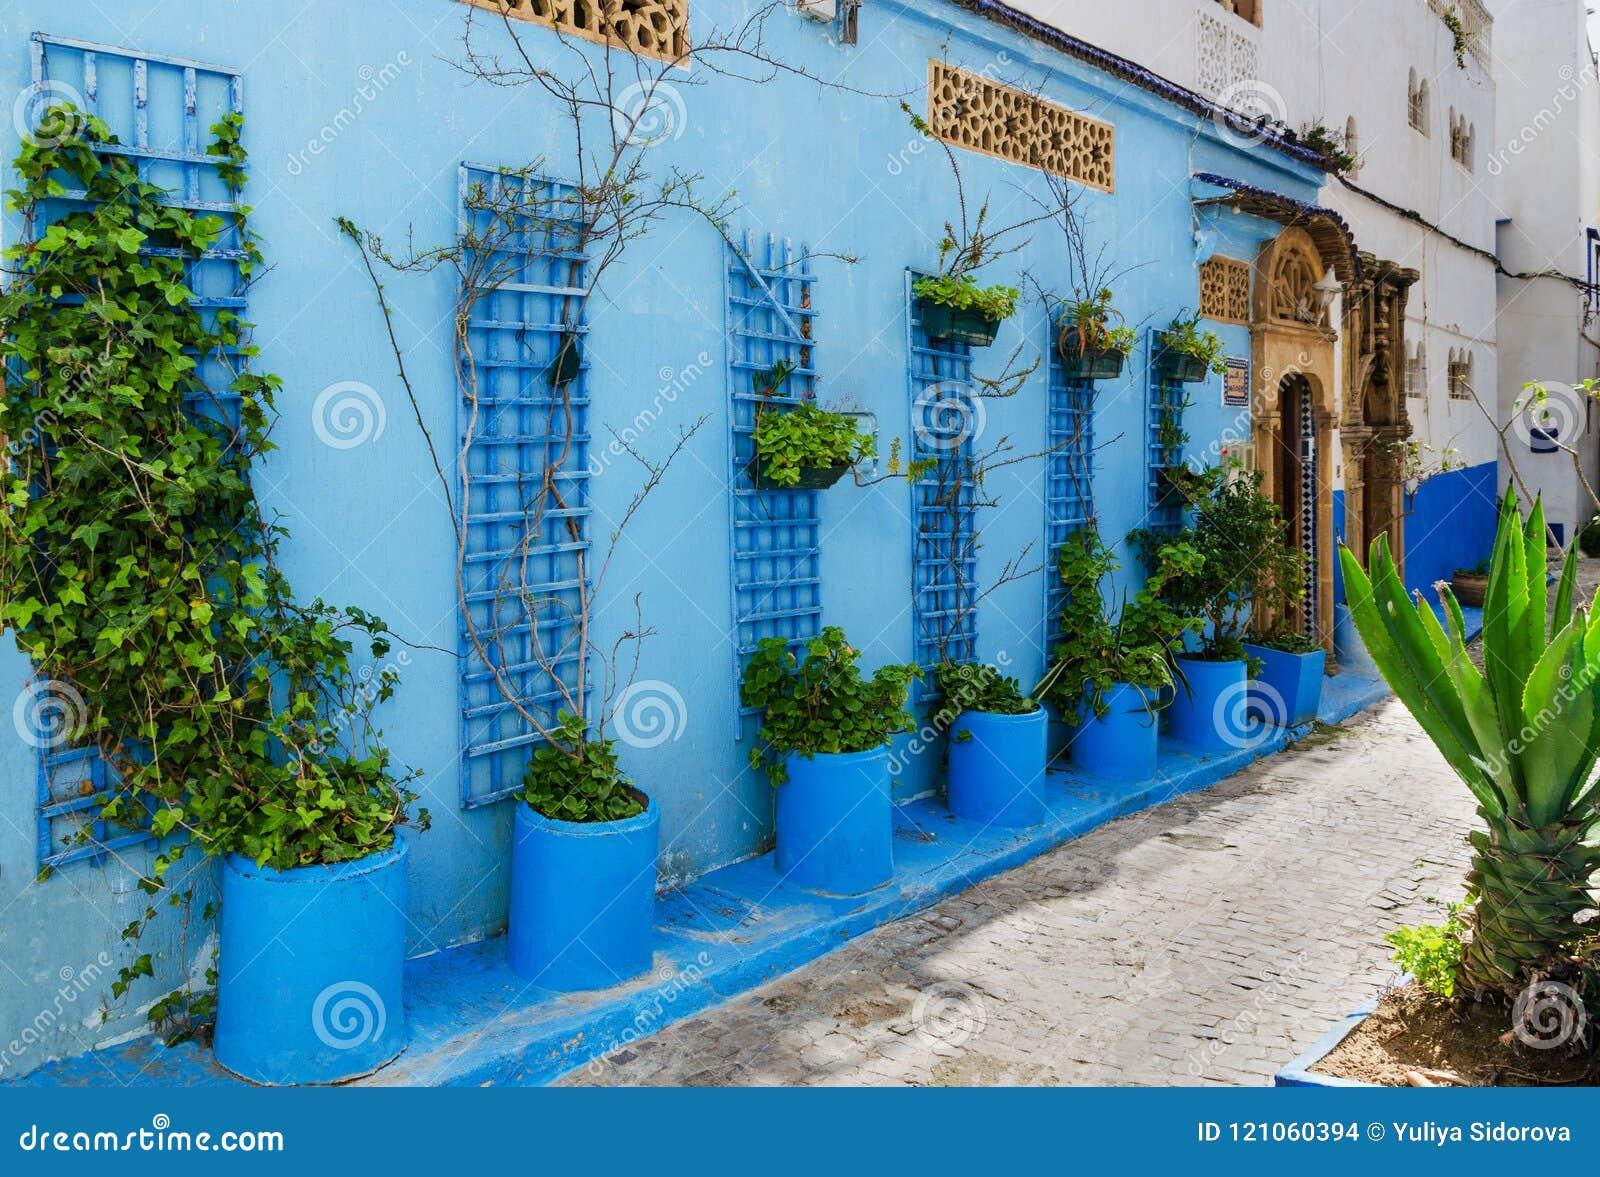 En fantastisk stad i Marocko, Rabat, Kasbah des Oudaia, smala gator, blåa väggar,